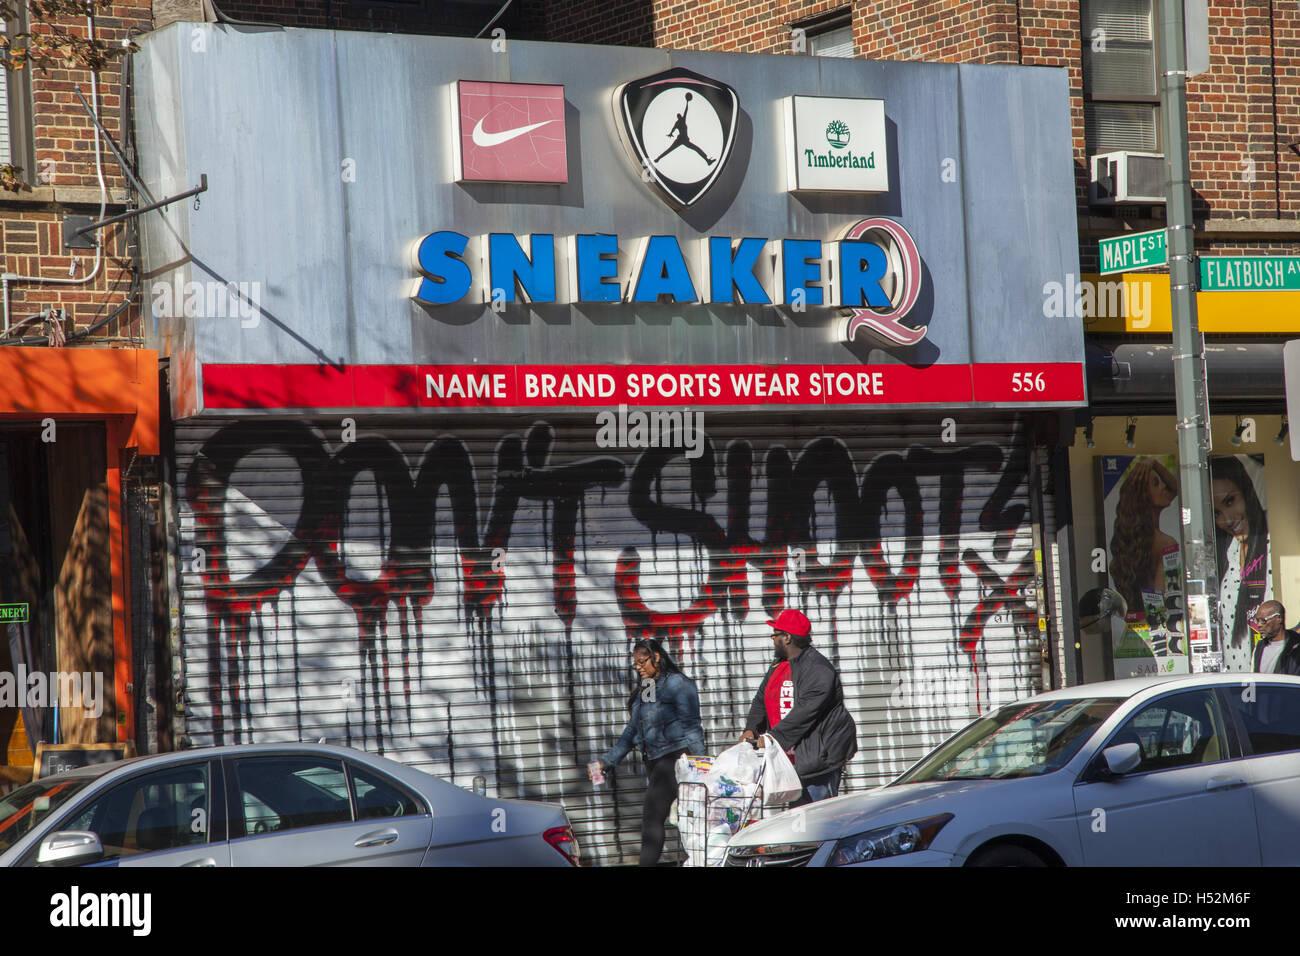 Sneaker store along Flatbush Avenue in